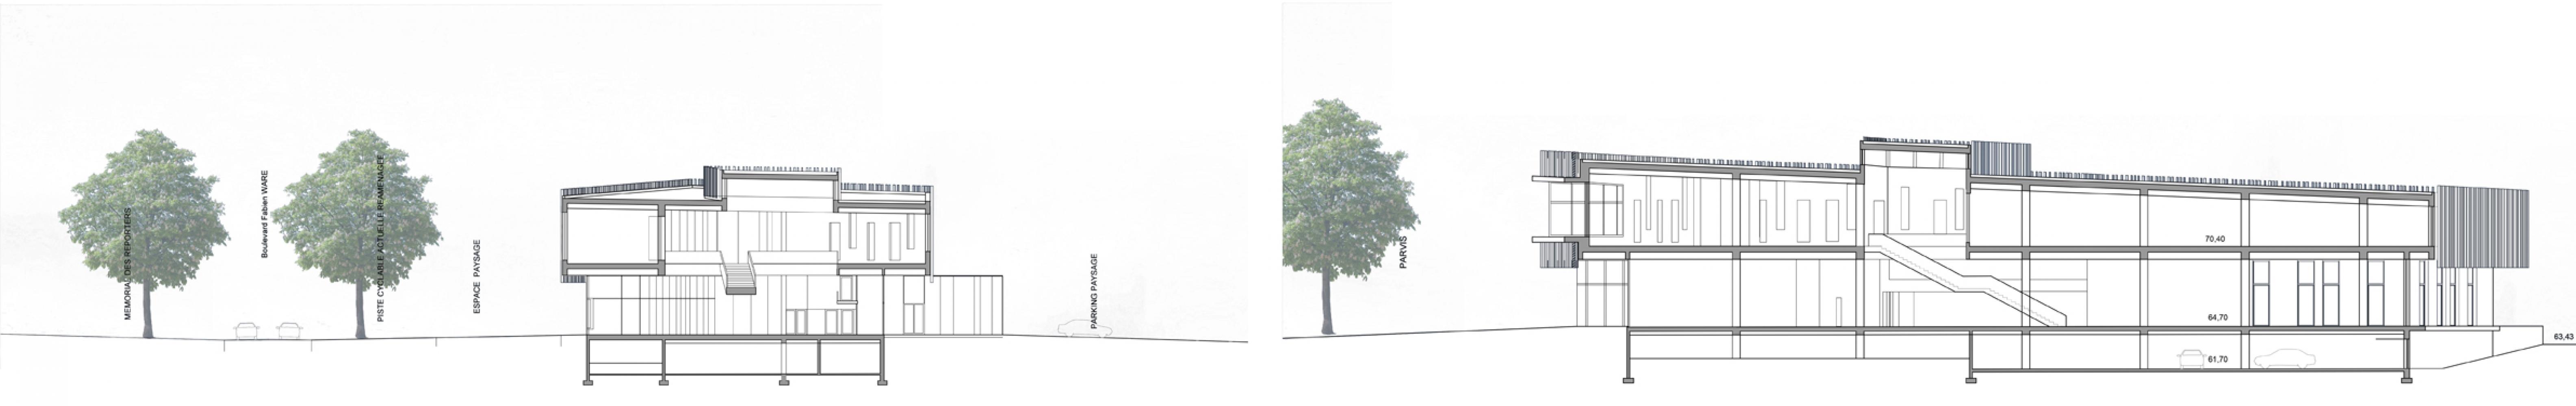 bayeux-08 Pascale SEURIN Architecte - Culturel